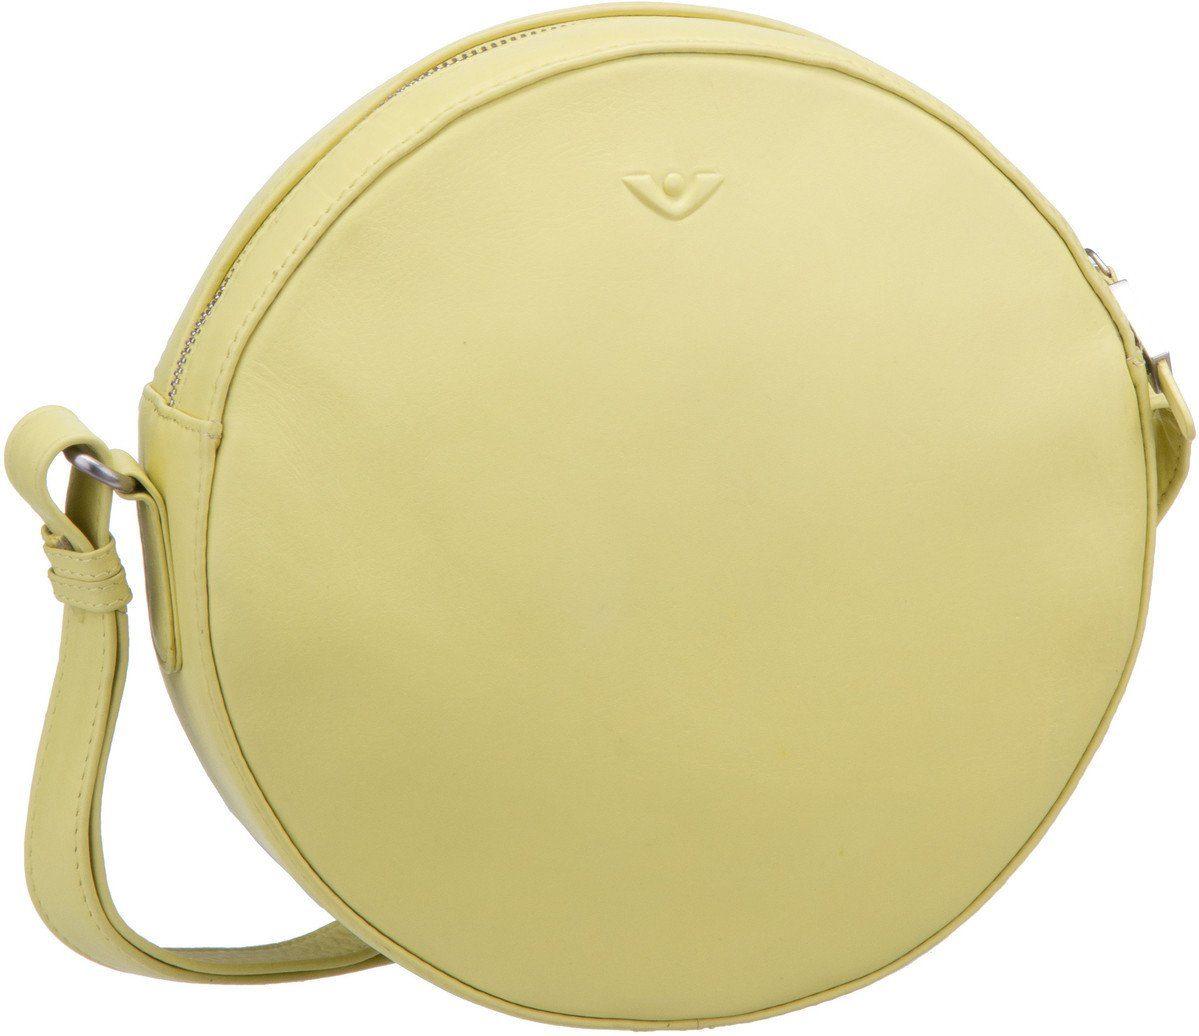 Voi Umhängetasche »Soft 21506 RV-Tasche«